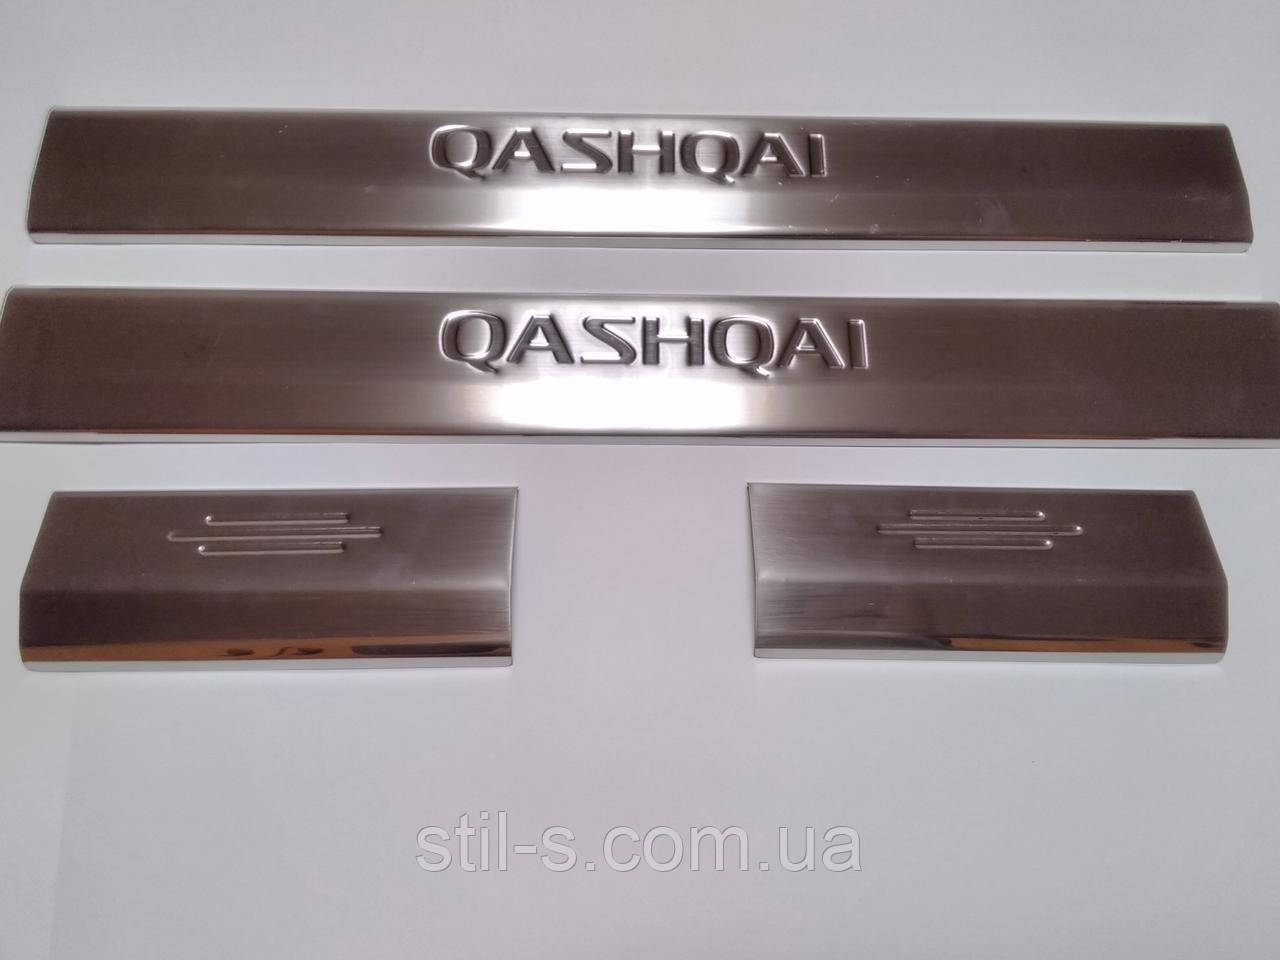 Накладки на пороги (на пластик) NISSAN QASHQAI (2007-2013)